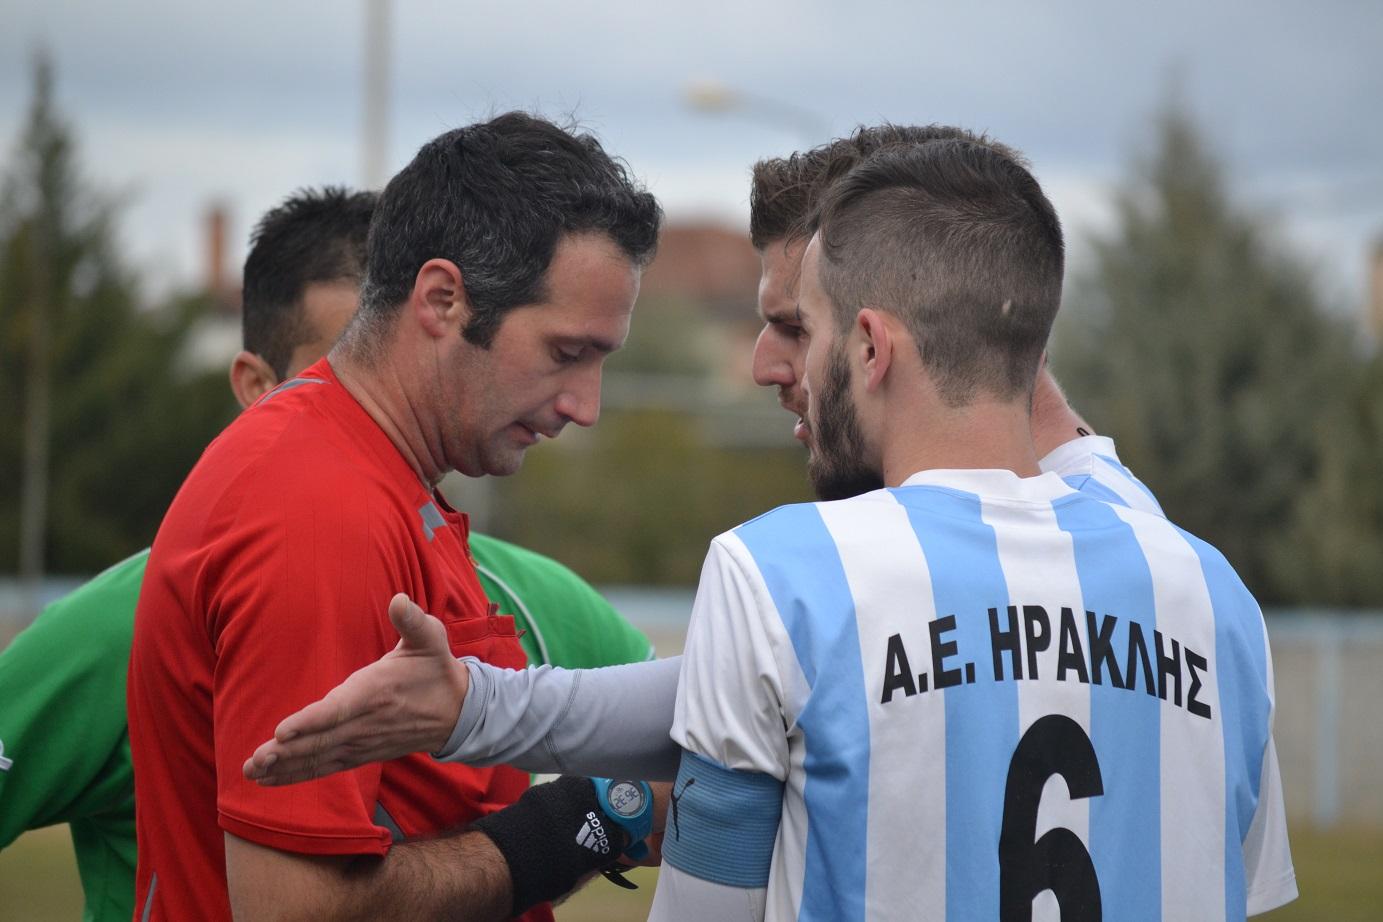 ΣΟΚ στον αθλητικό κόσμο της Λάρισας: Έχασε τη μάχη για τη ζωή στα 37 του ο διαιτητής Αντώνης Κορέστης - Σήμερα η κηδεία του